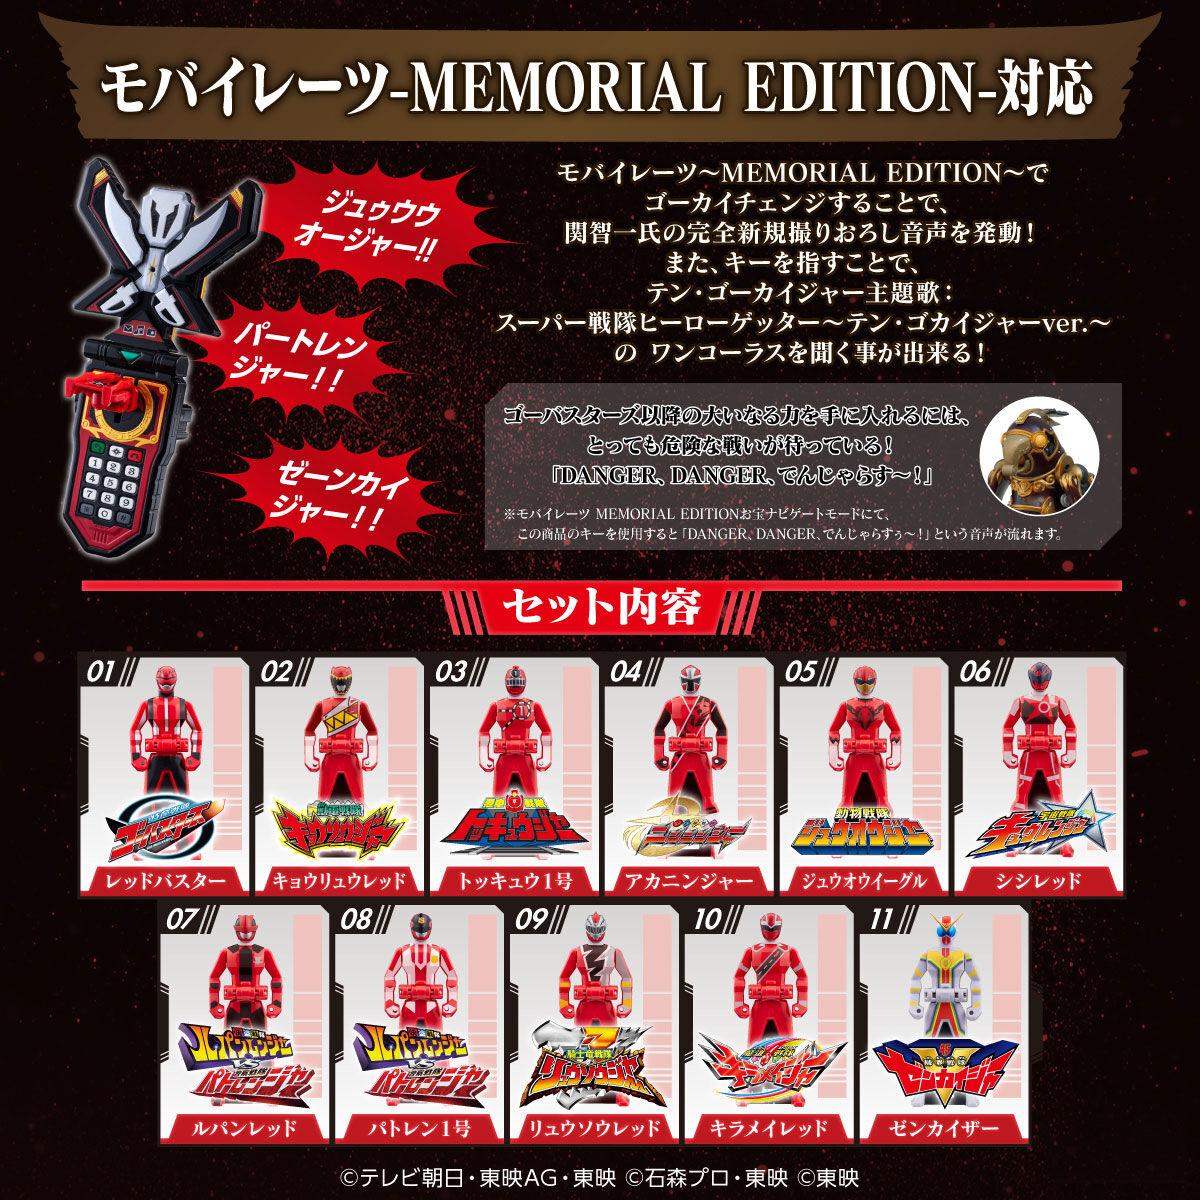 【限定販売】海賊戦隊ゴーカイジャー『レンジャーキー ~MEMORIAL EDITION~ After Gokai HERO セット』変身なりきり-005